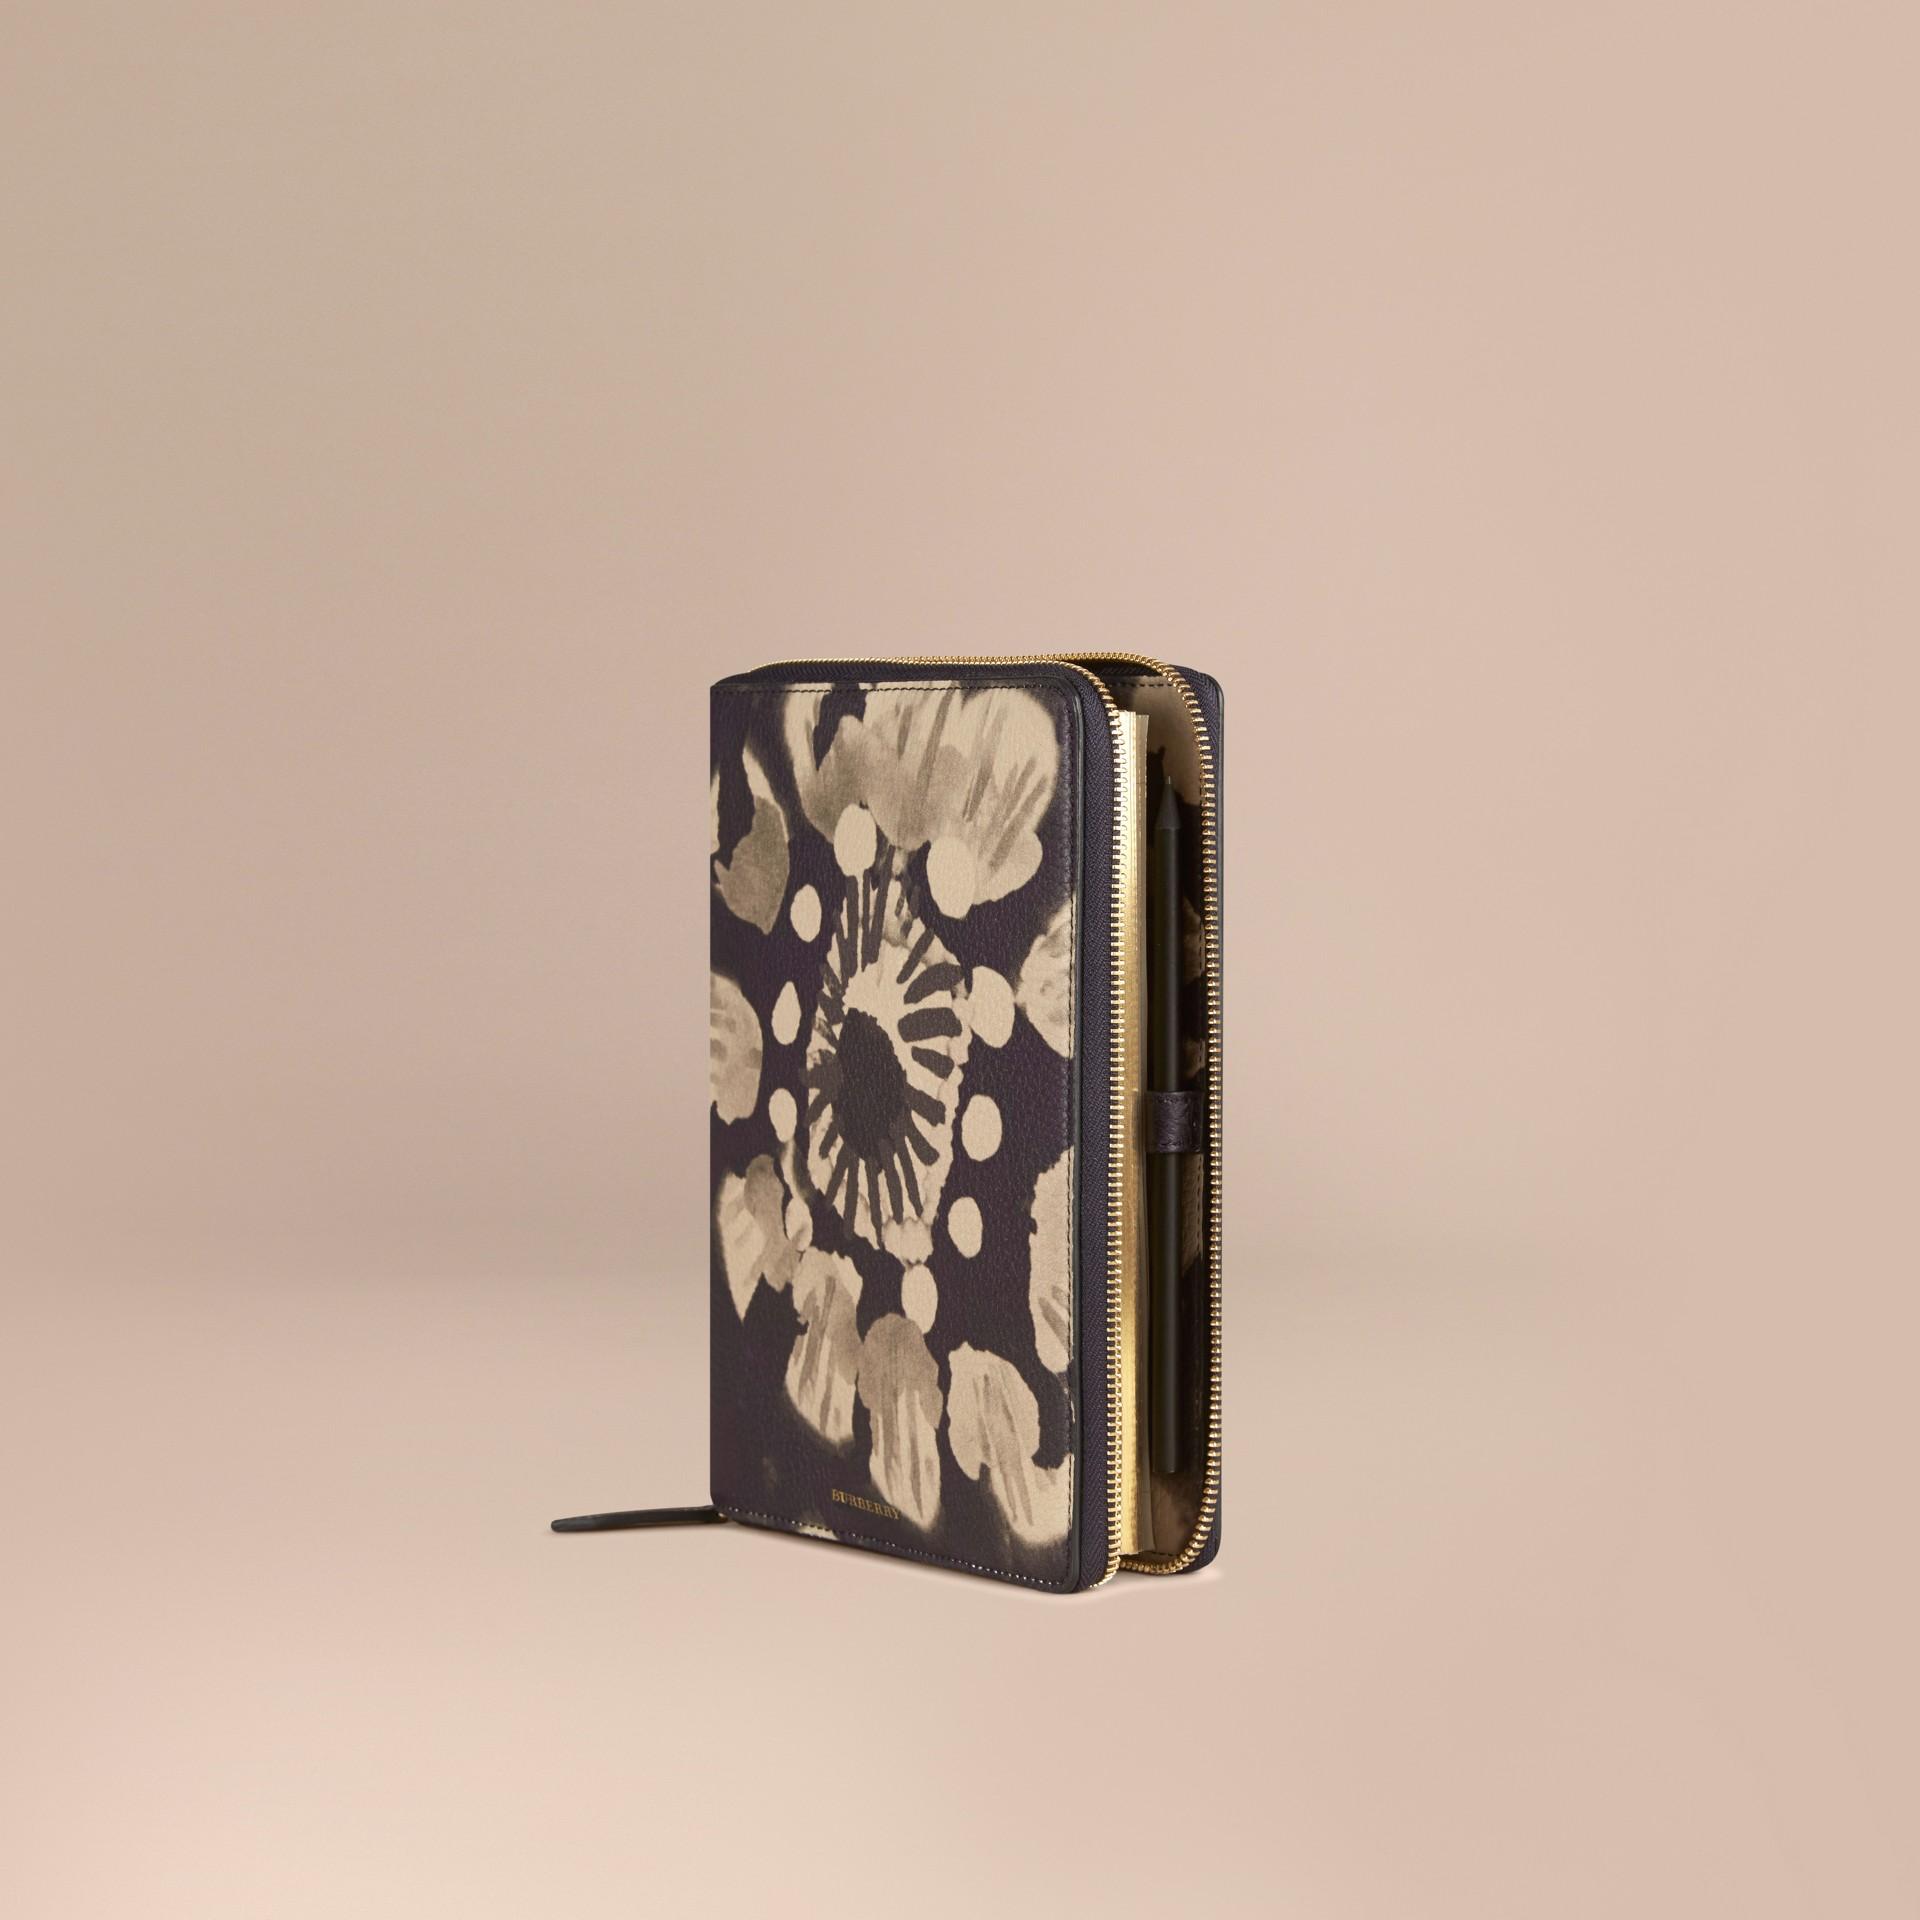 Pietra Taccuino formato A5 in pelle a grana con cerniera su tre lati e stampa tipo tintura a riserva Pietra - immagine della galleria 1